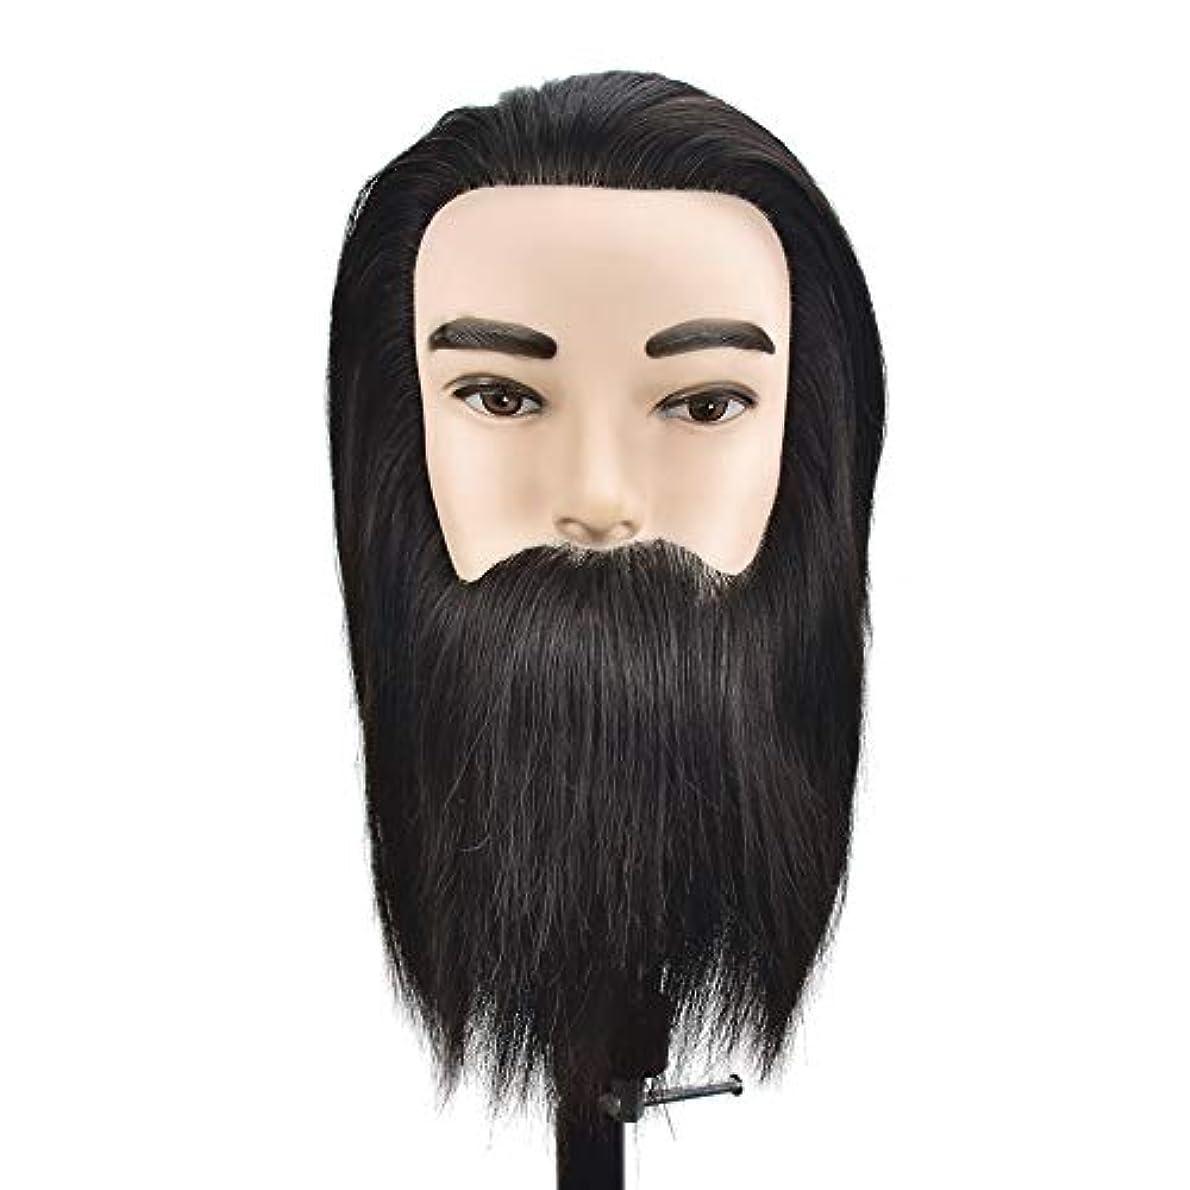 プレート国籍独占リアル人間の髪トレーニングヘッドパーマ髪モデル髪染め理髪ダミーヘッドトリミングひげ学習ヘッドモデル